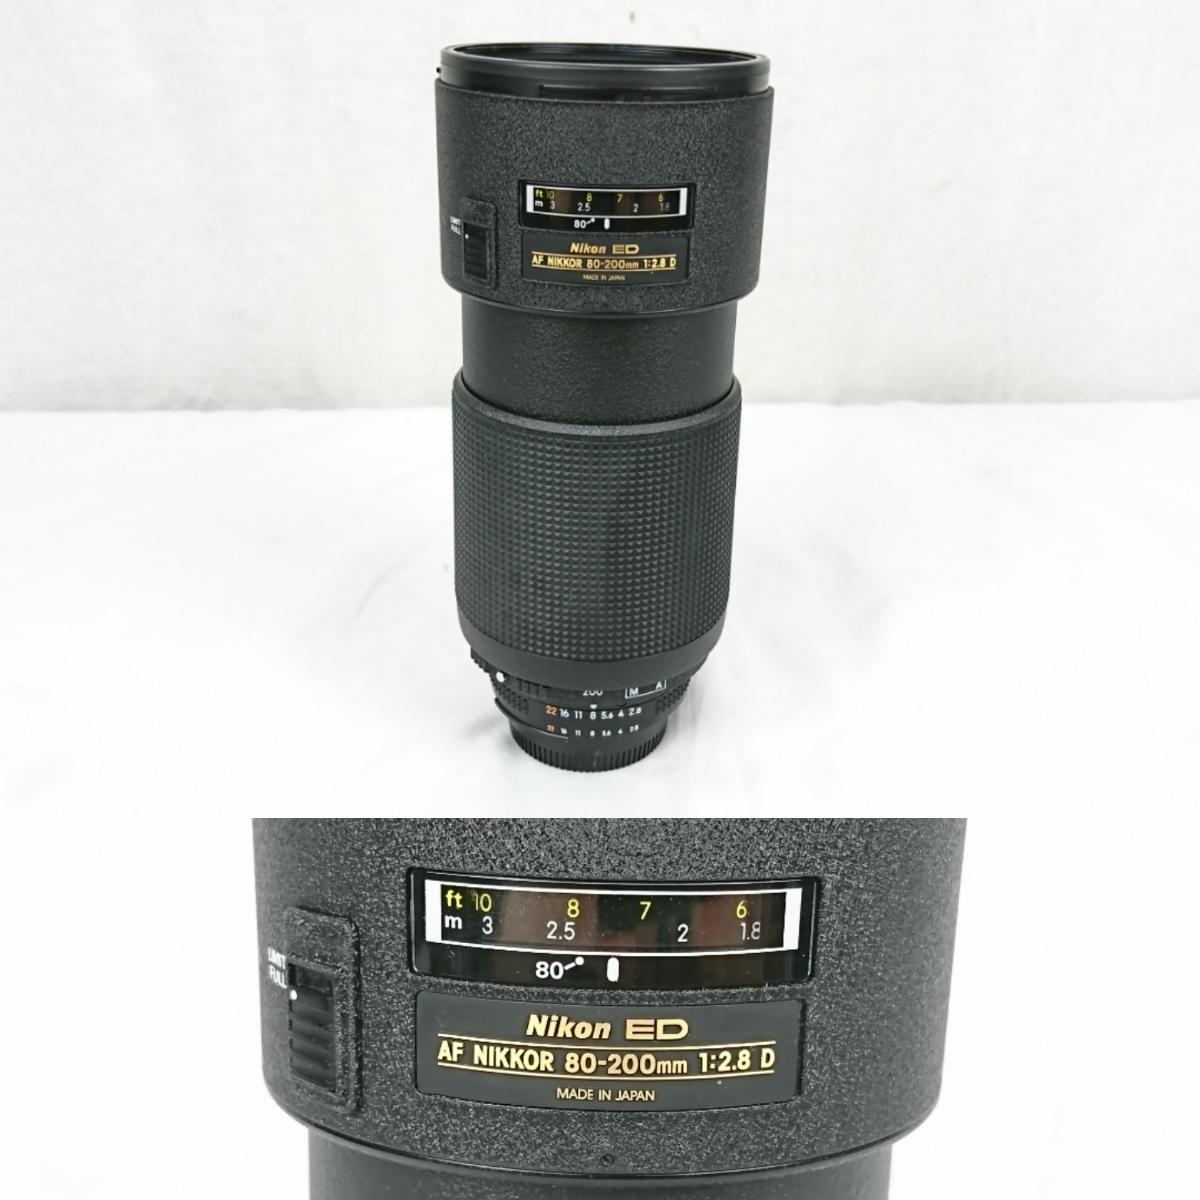 【GK-203】 Nikon ニコン カメラ F4 レンズ AF オートフォーカス Nikon ED AF NIKKOR 80-200mm AF NIKKOR 70-210mm NIKKOR 28-85mm_画像5